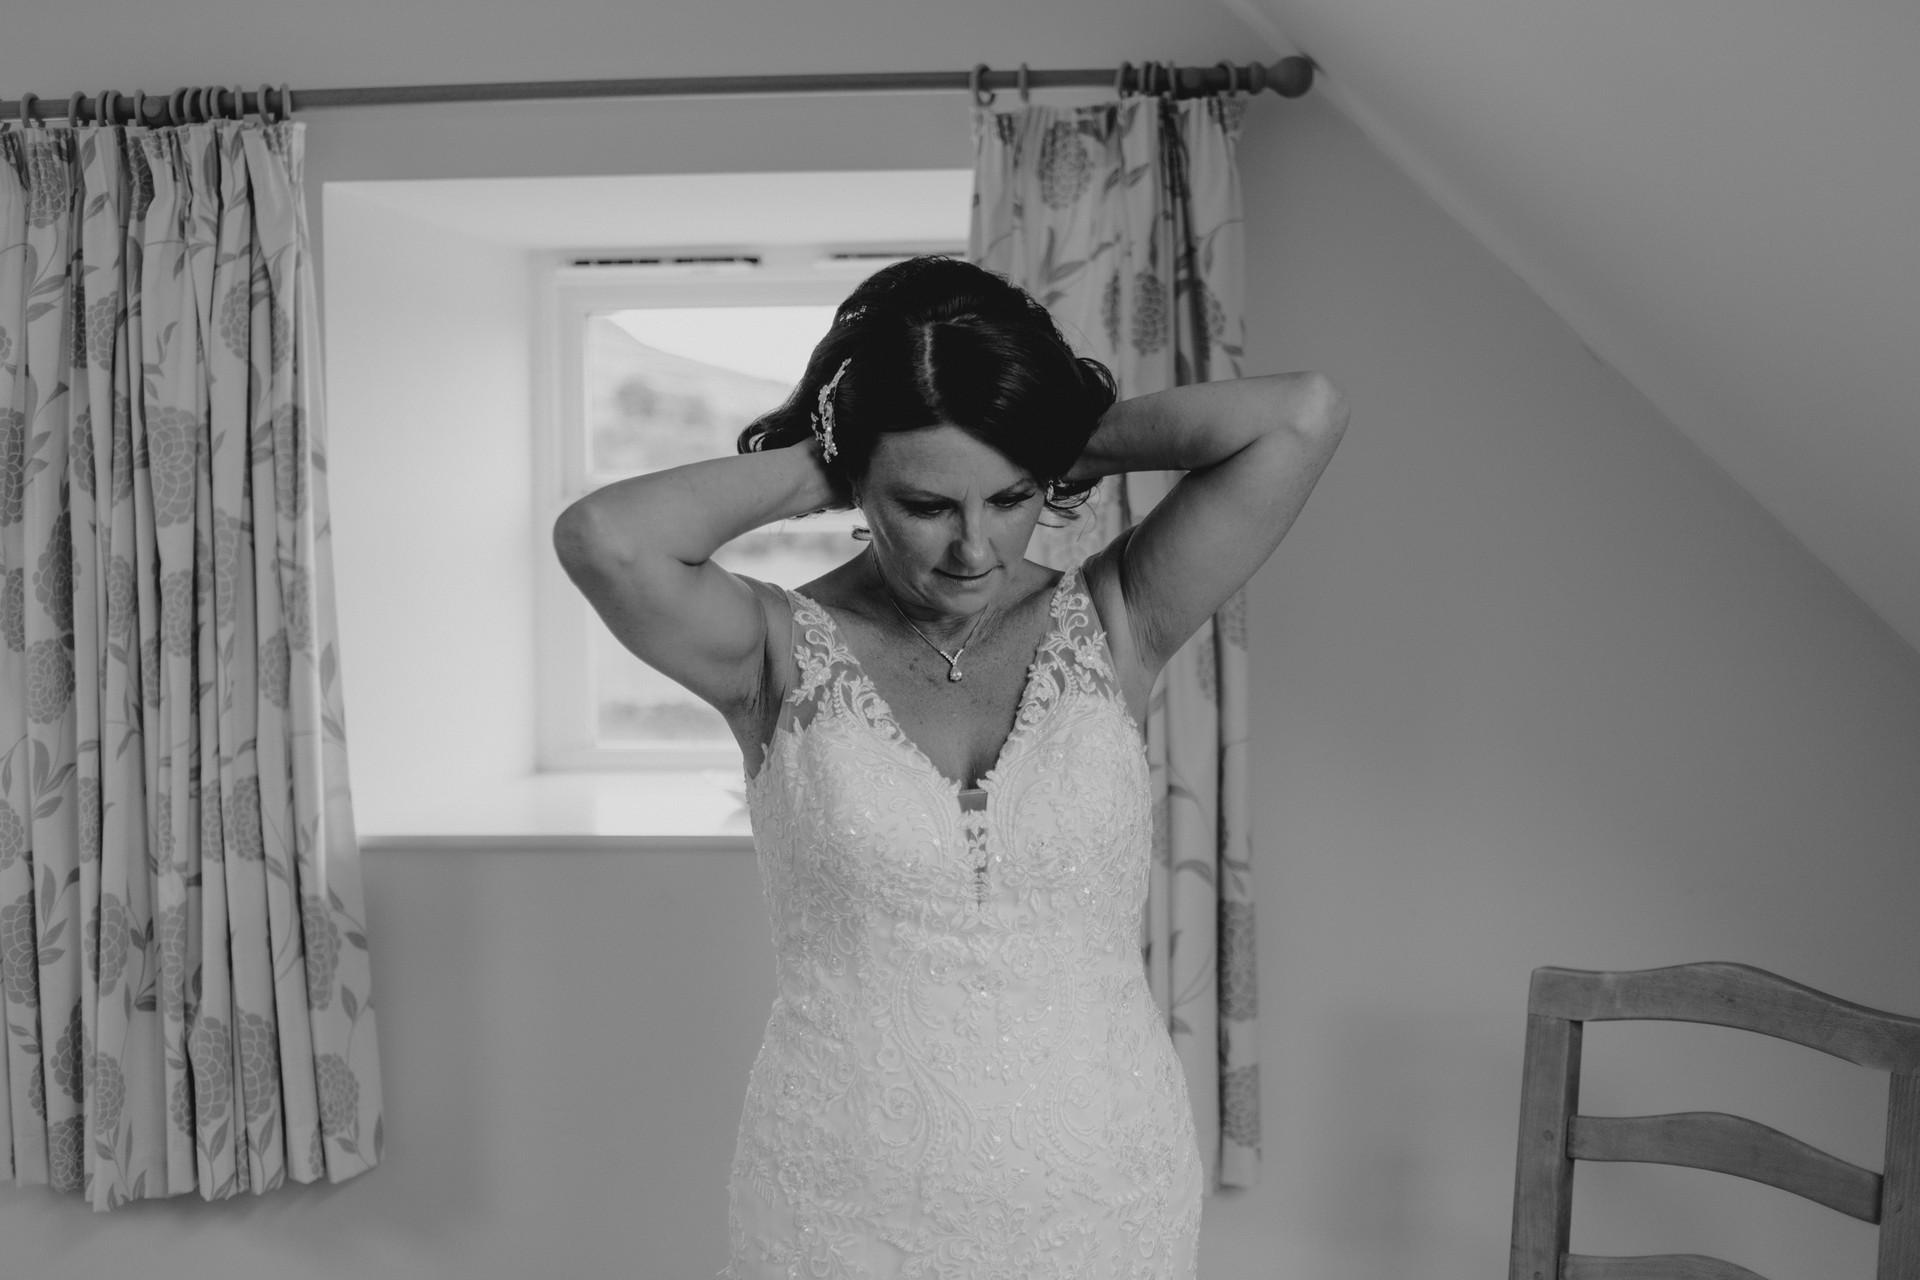 bride fastening her necklace